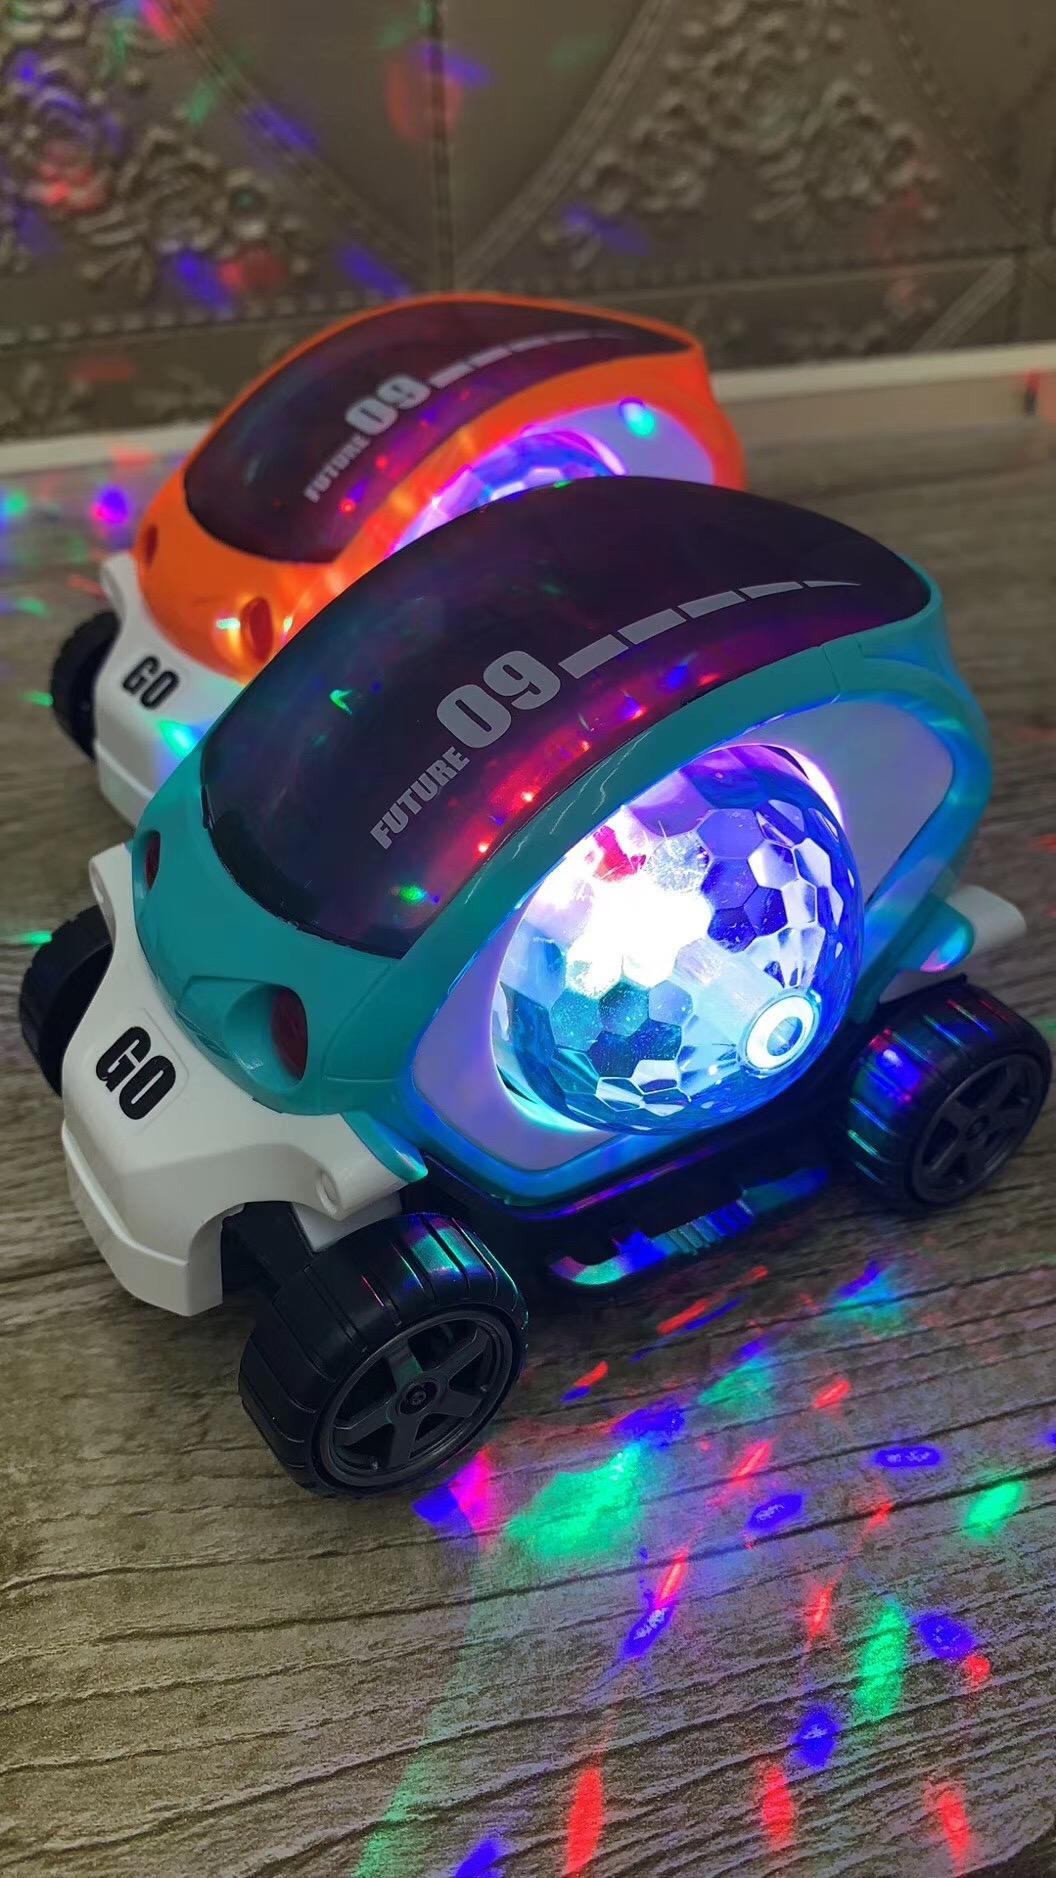 酷炫太空舱玩具车货源批发 夜市发光玩具车